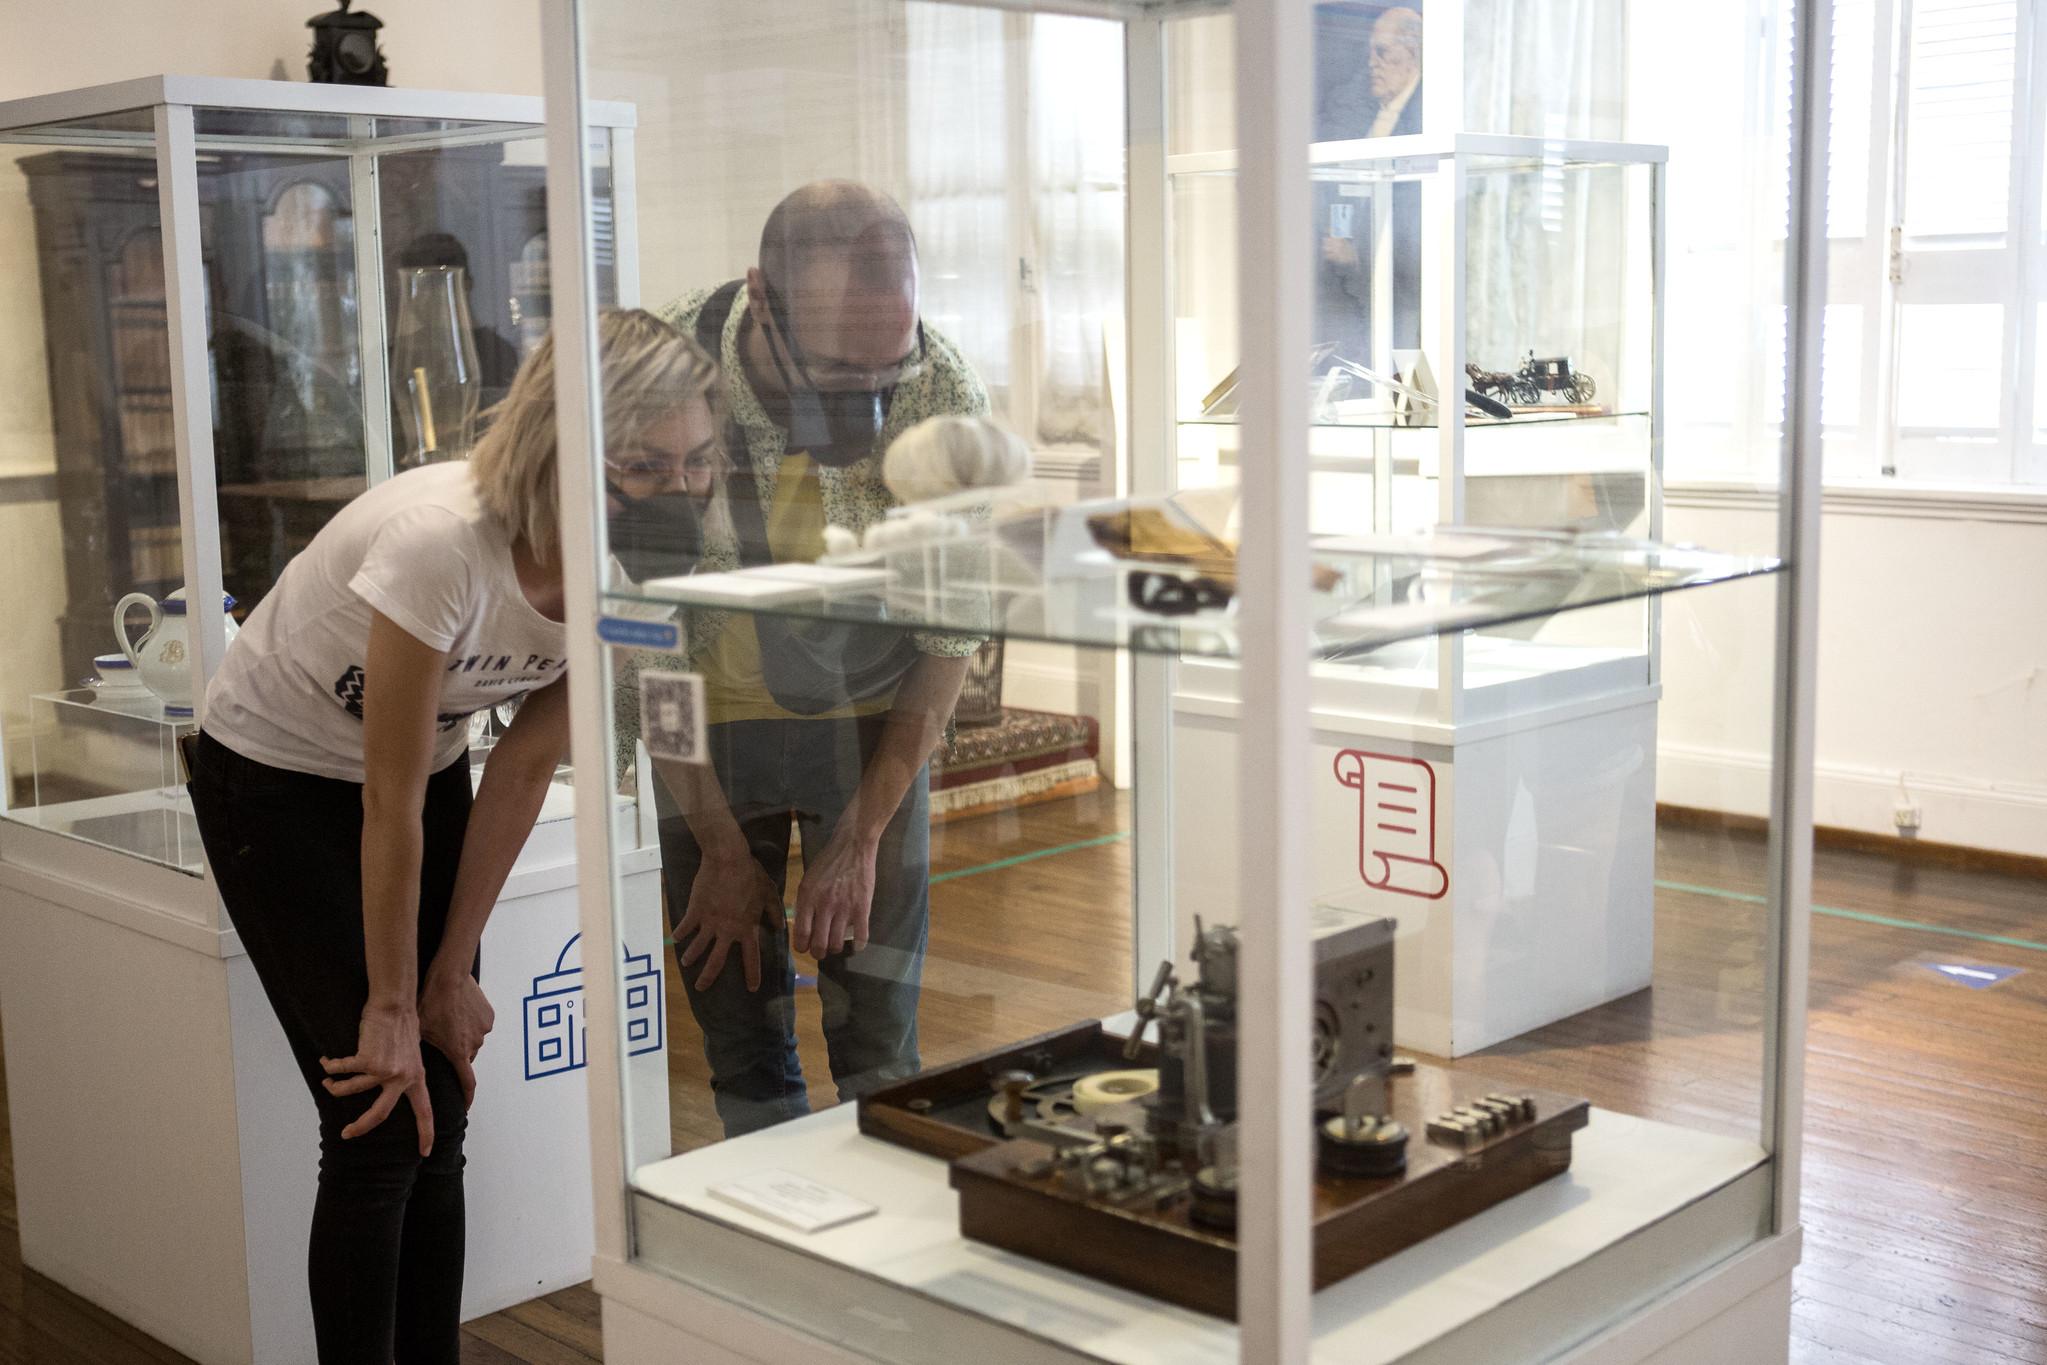 Todas las obras del establecimiento volvieron a estar en exposición, después de varios meses de cuarentena (Ministerio de Cultura)